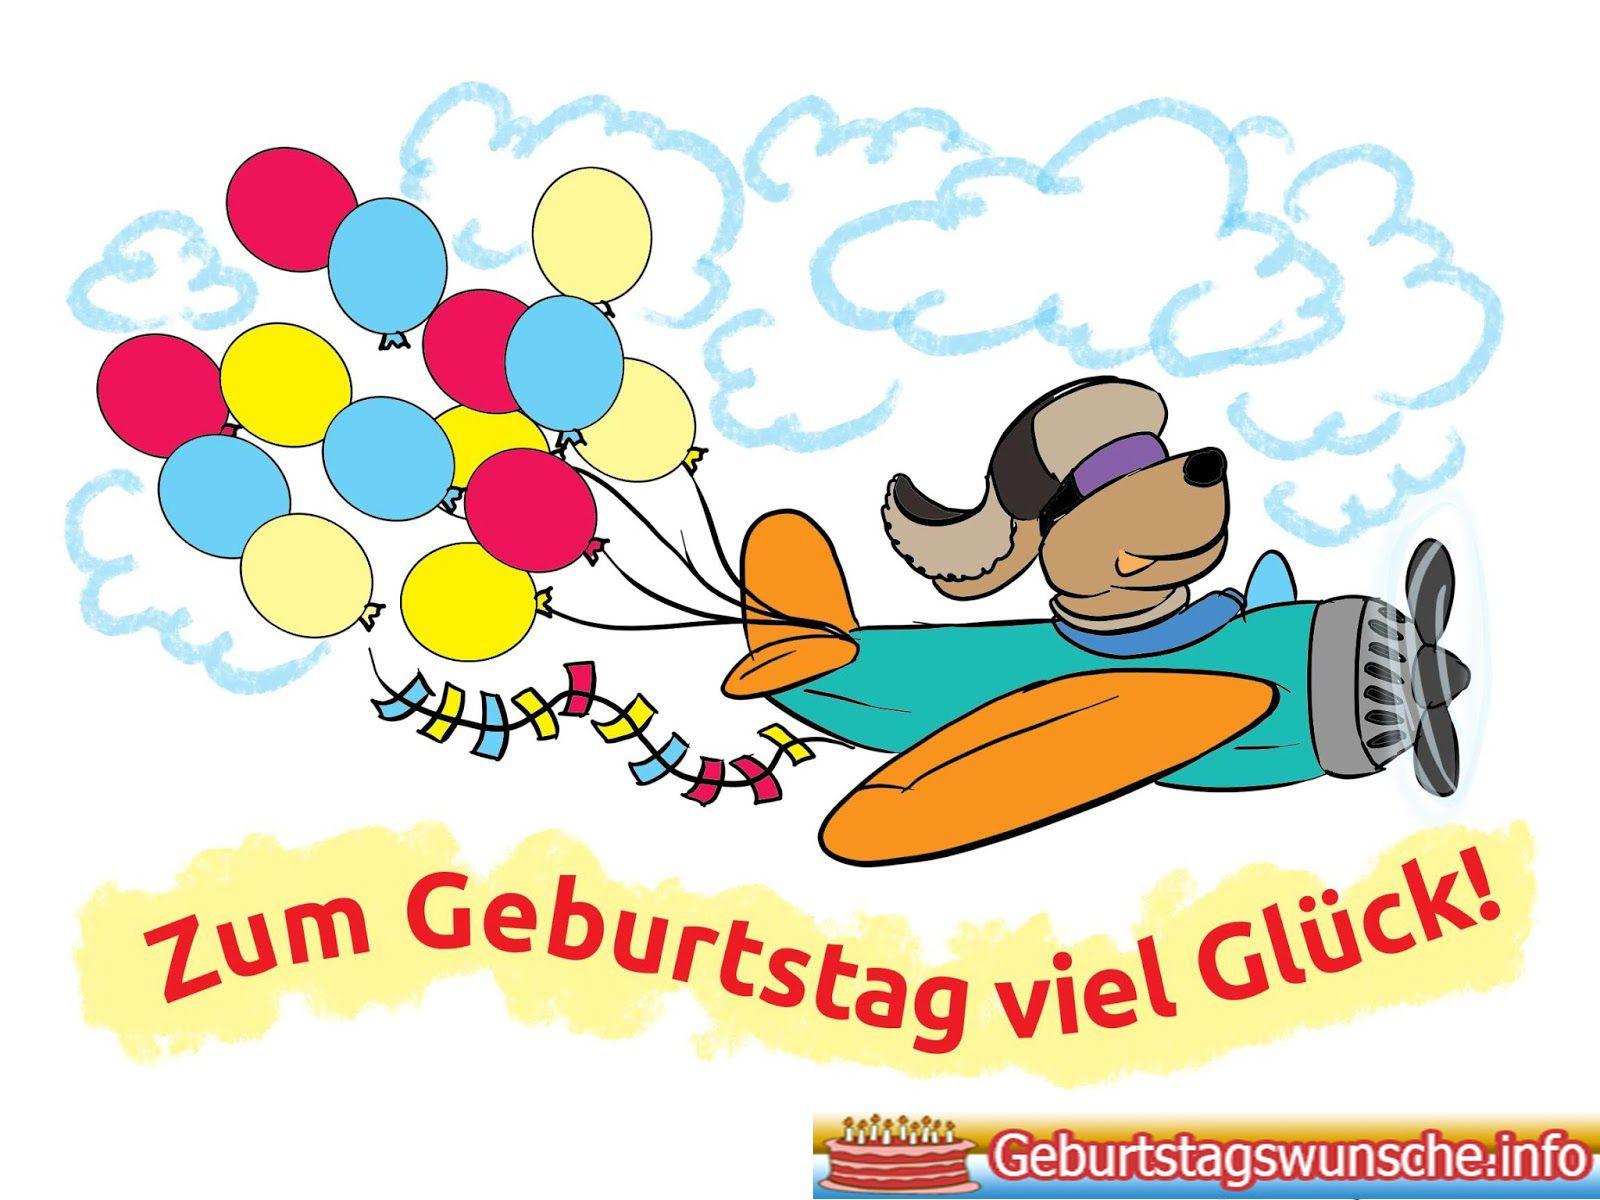 Geburtstagswünsche Zum 3 Geburtstag  Geburtstagswünsche für Kinder